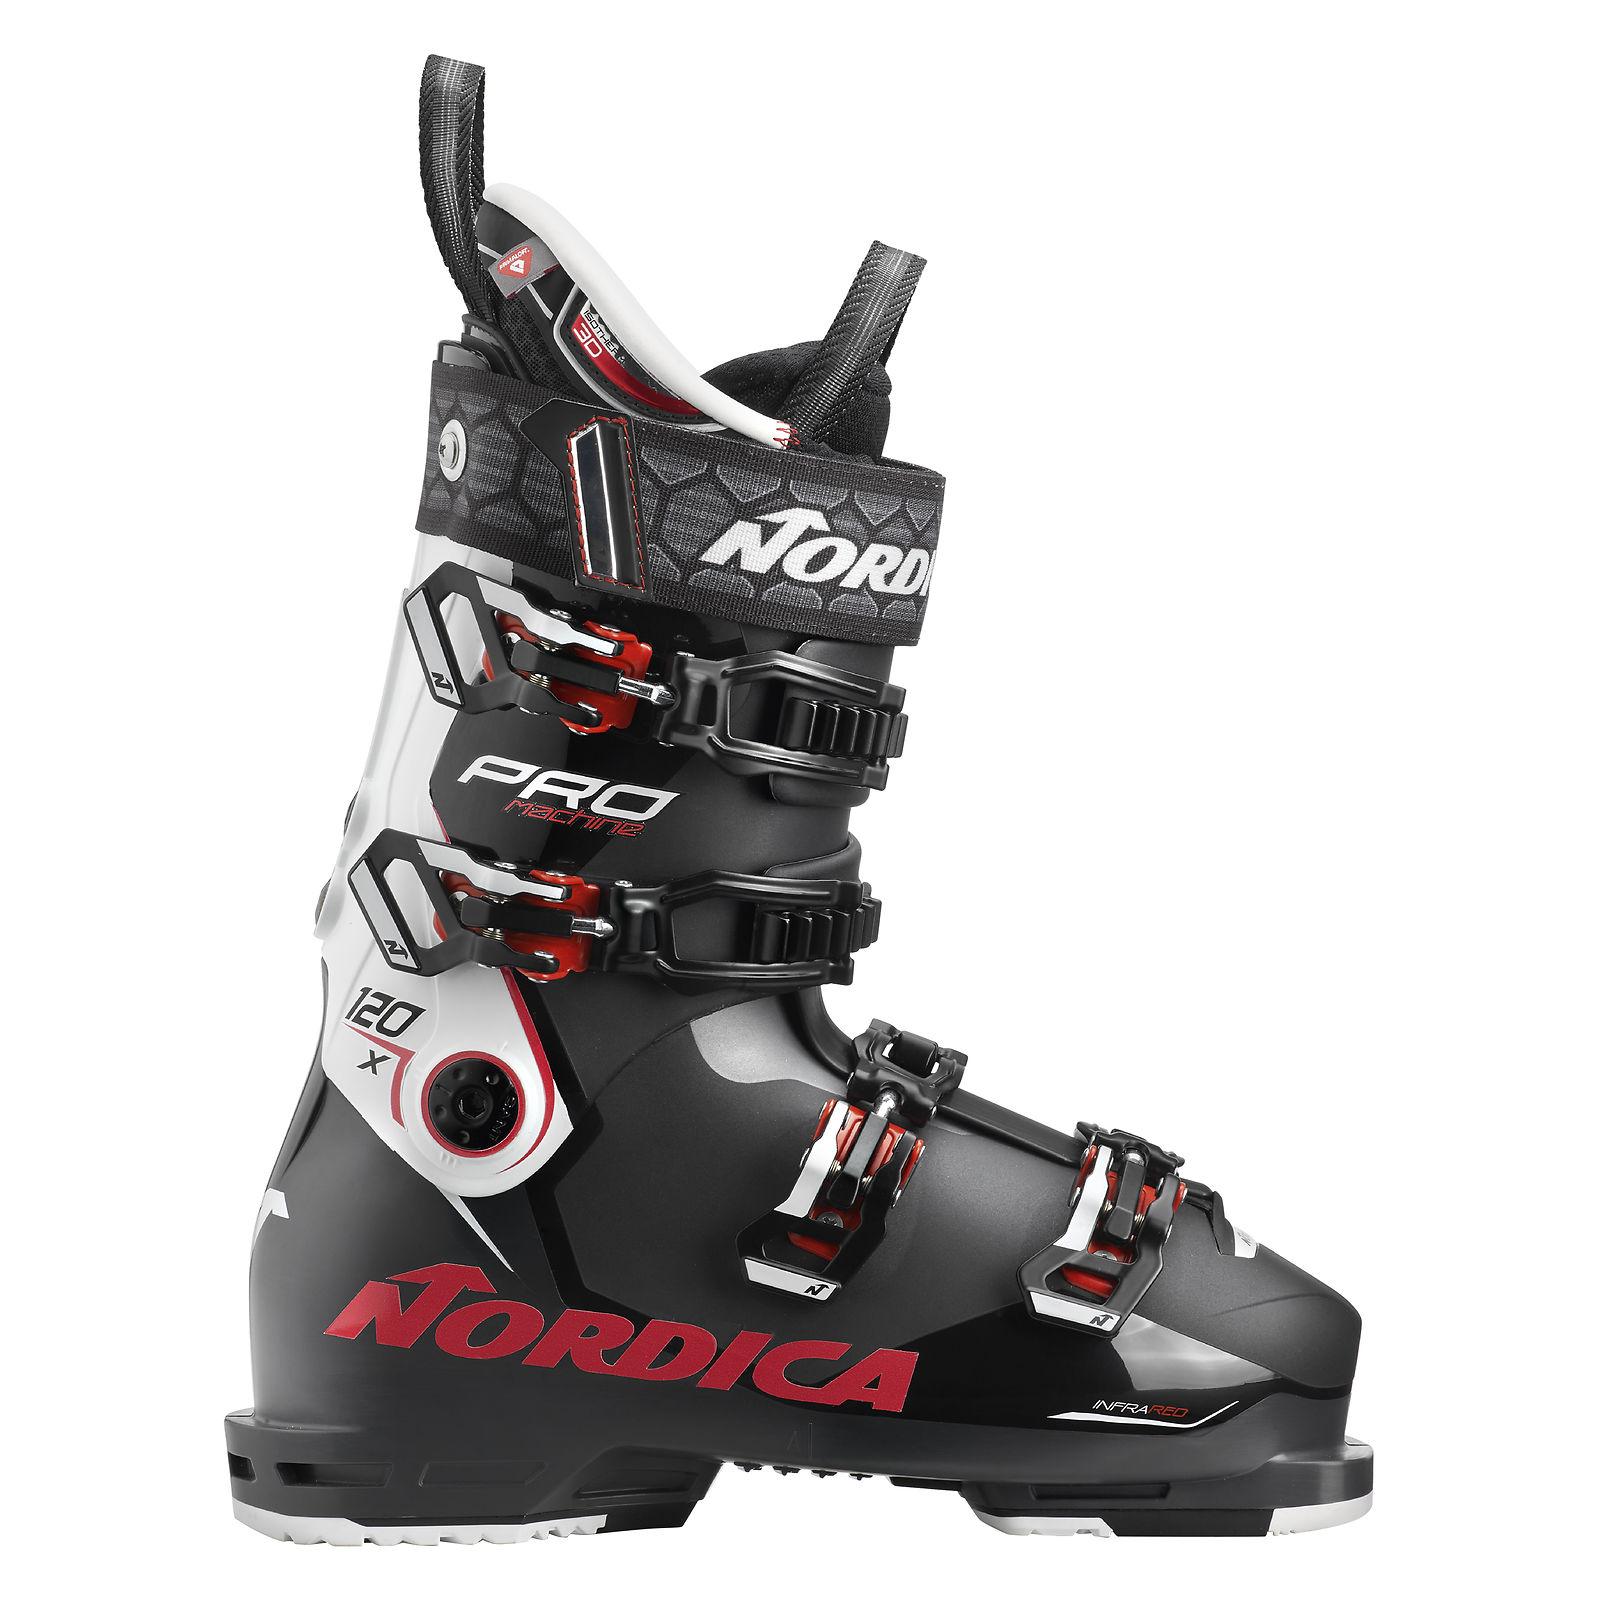 Buty narciarskie męskie Nordica Promachine 120X F120